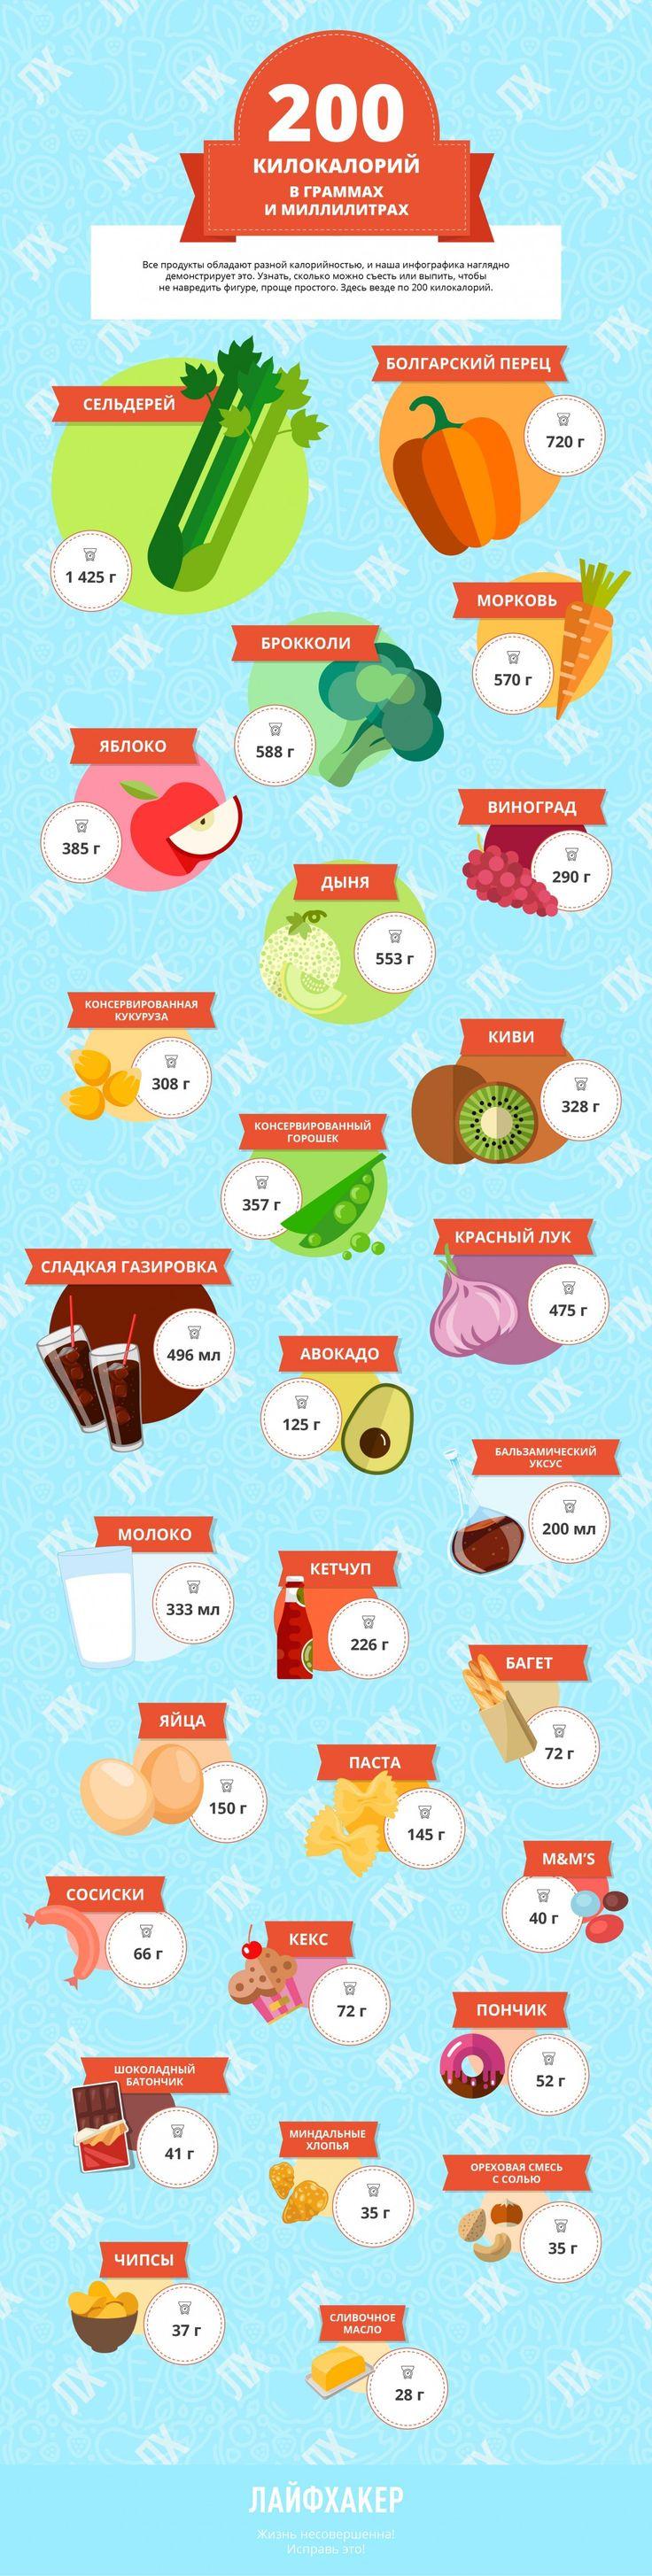 ИНФОГРАФИКА: Пропорции продуктов, равные 200 килокалориям - Лайфхакер